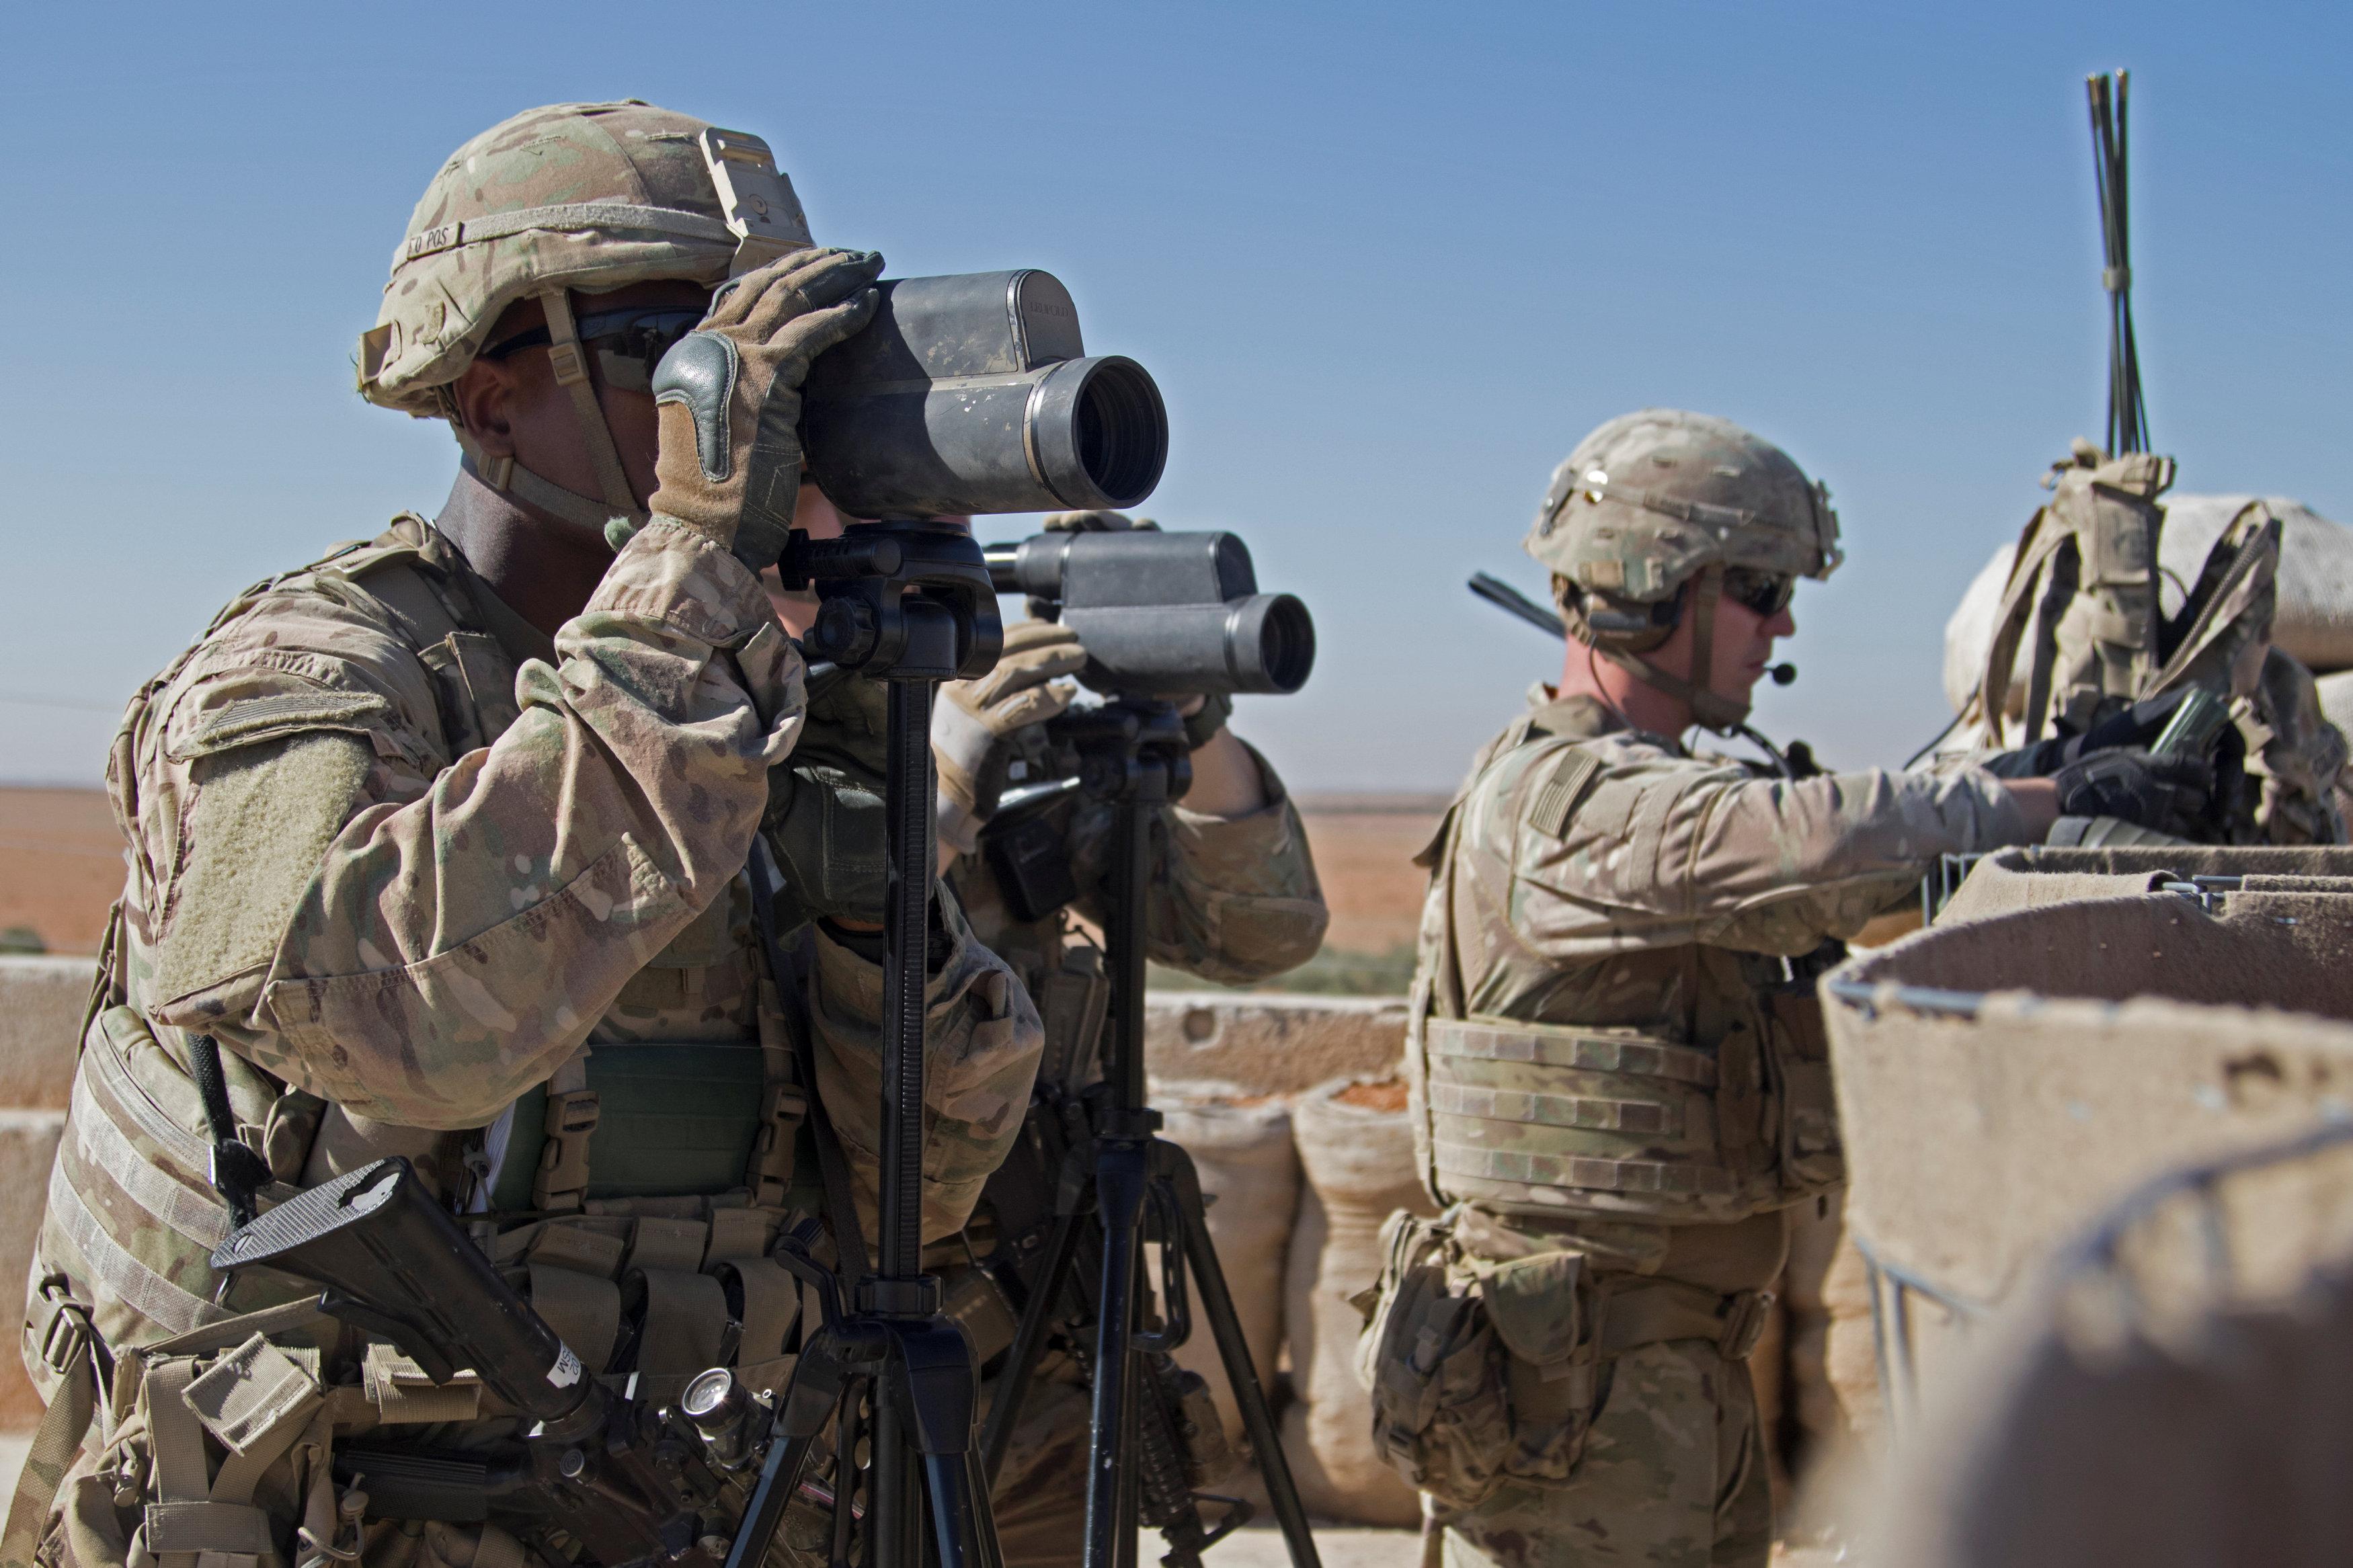 Soldados de EEUU en la ciudad siria de Manbij. - REUTERS